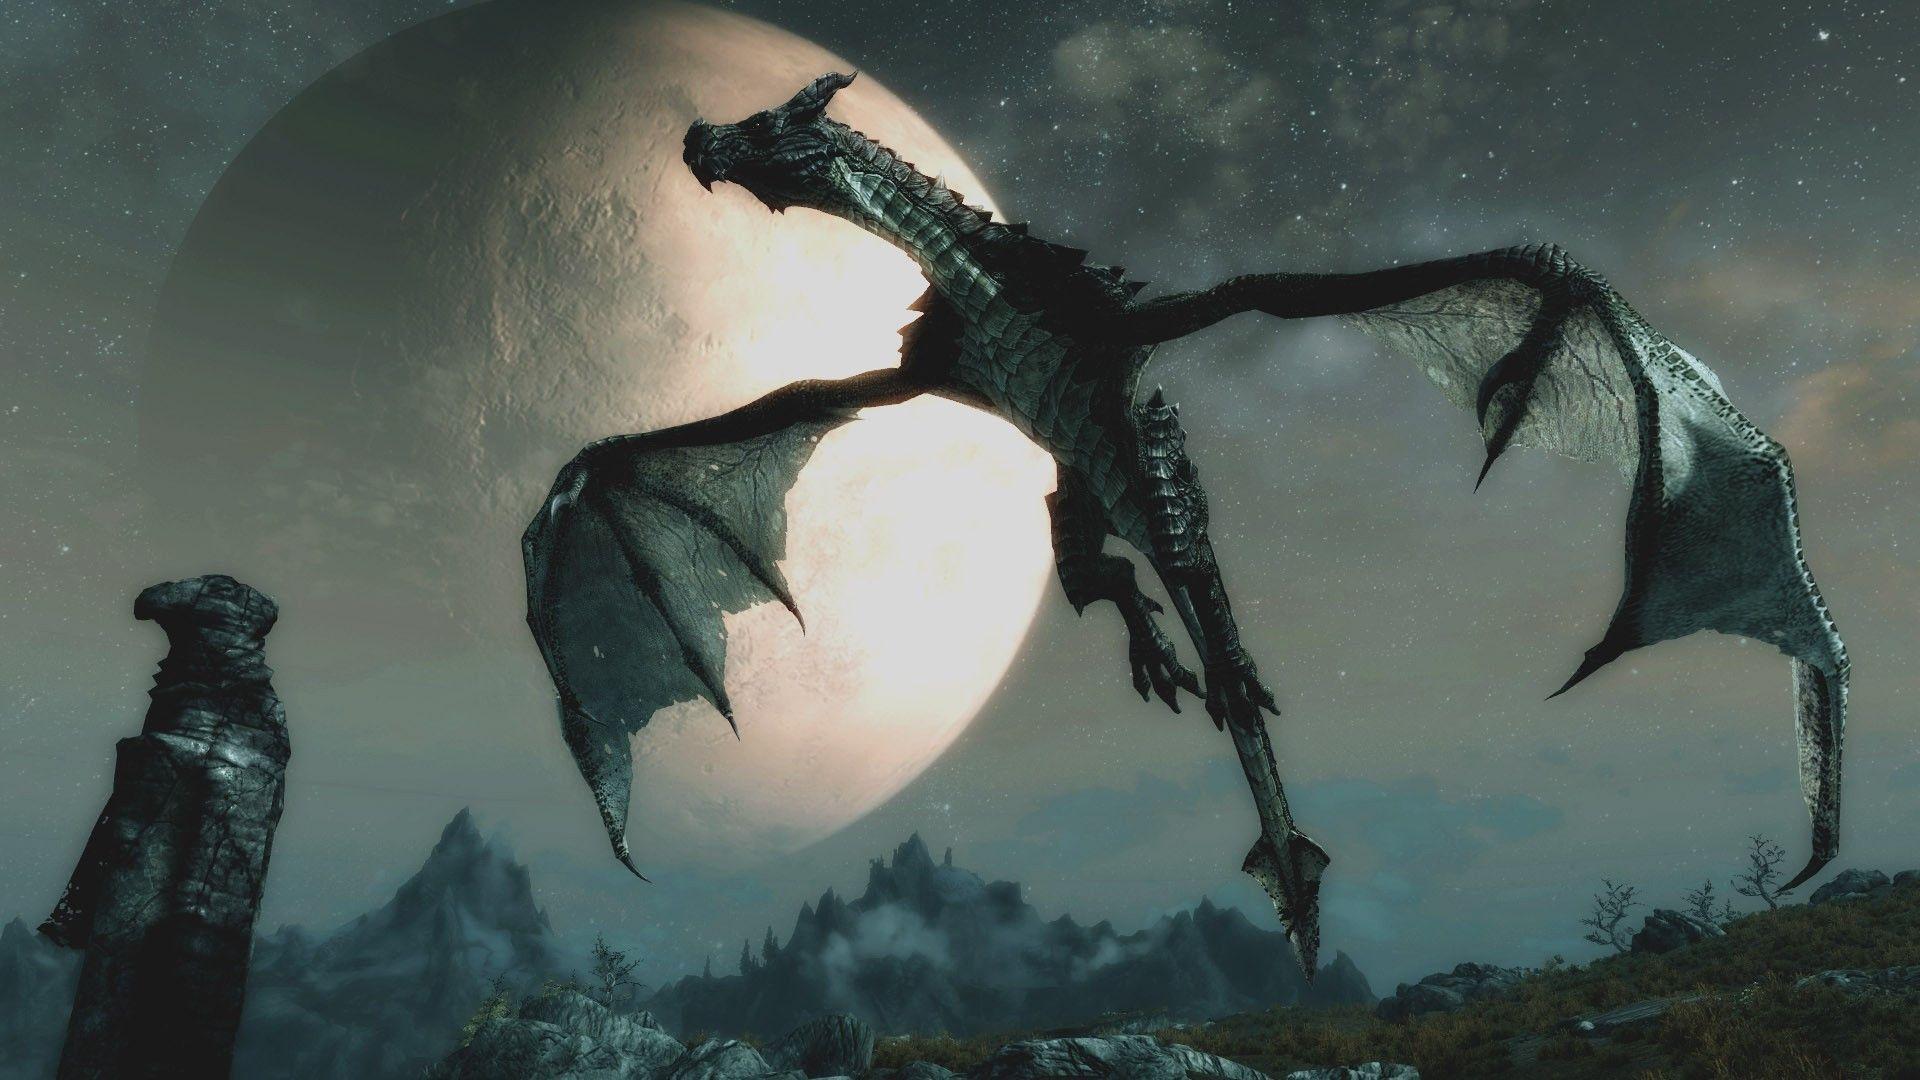 Skyrim Dragon: Skyrim Dragon Wallpapers